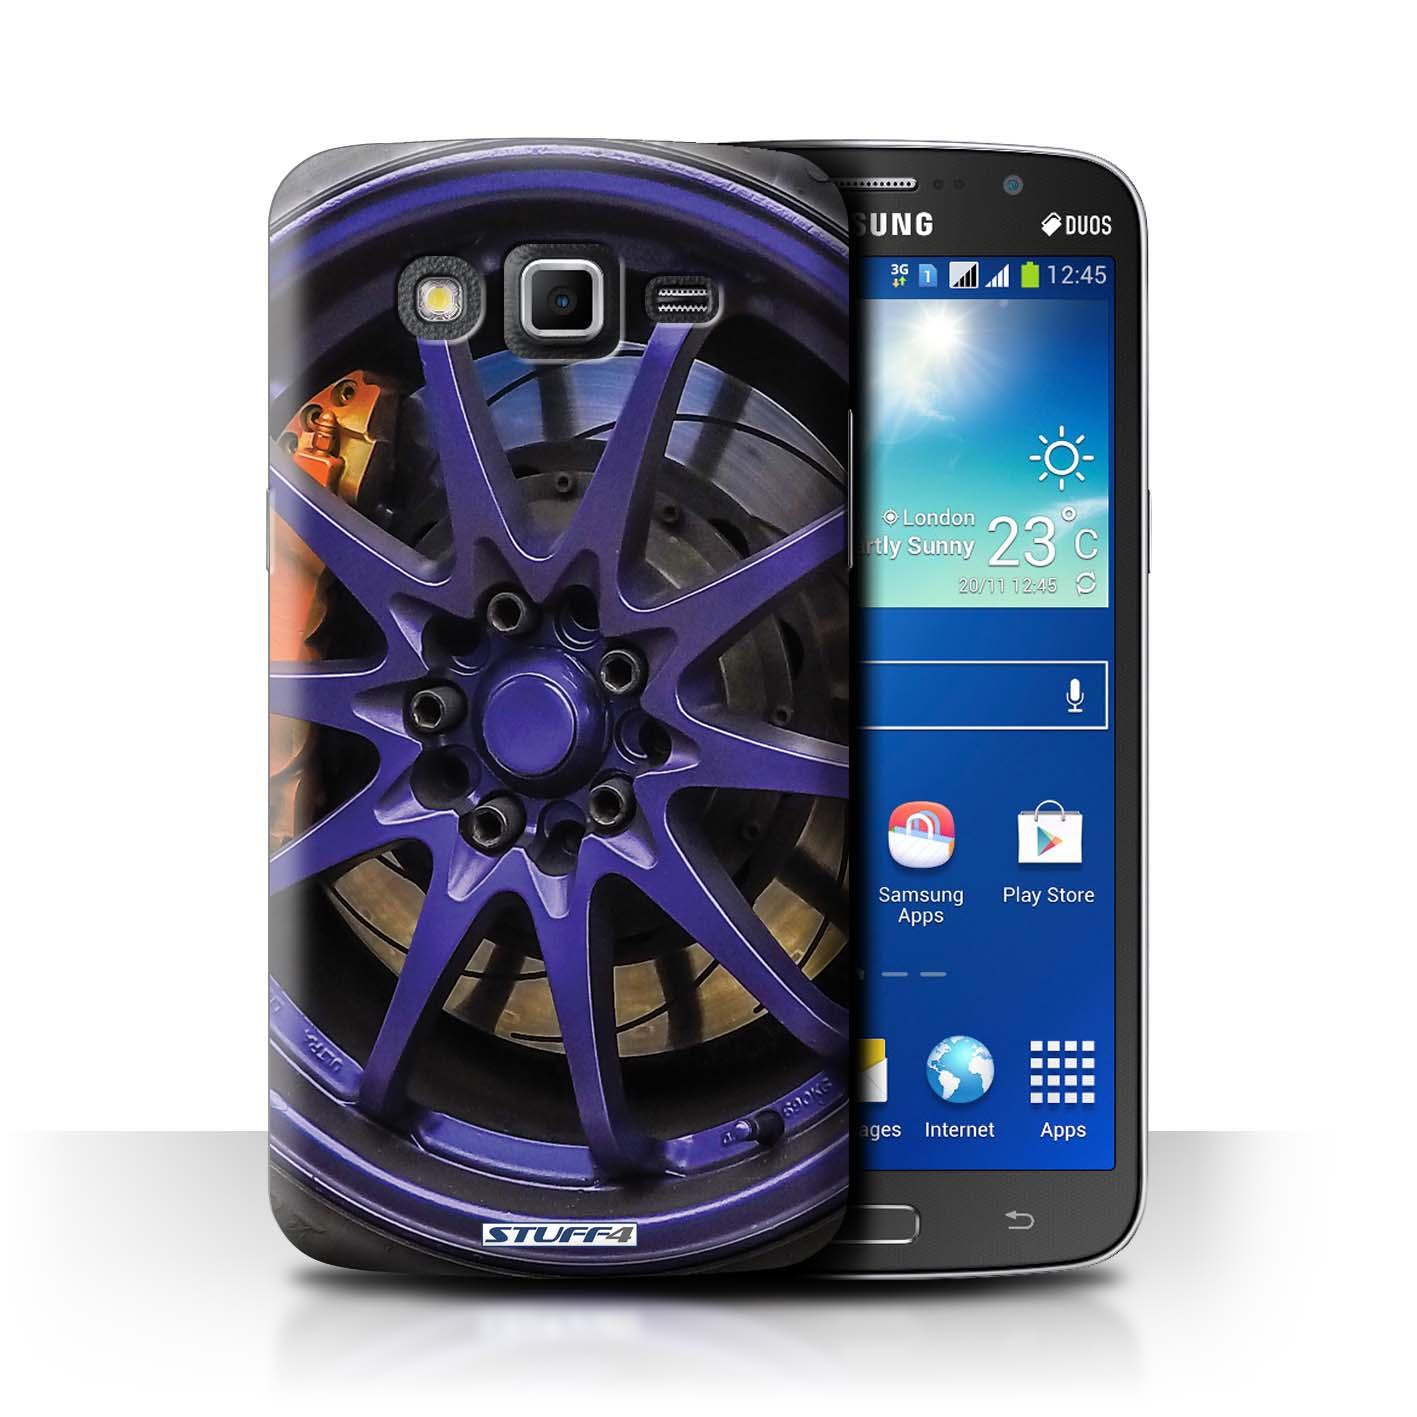 Coque-Etui-Housse-de-Stuff4-pour-Samsung-Galaxy-Grand-2-G7102-Jantes-Alliage